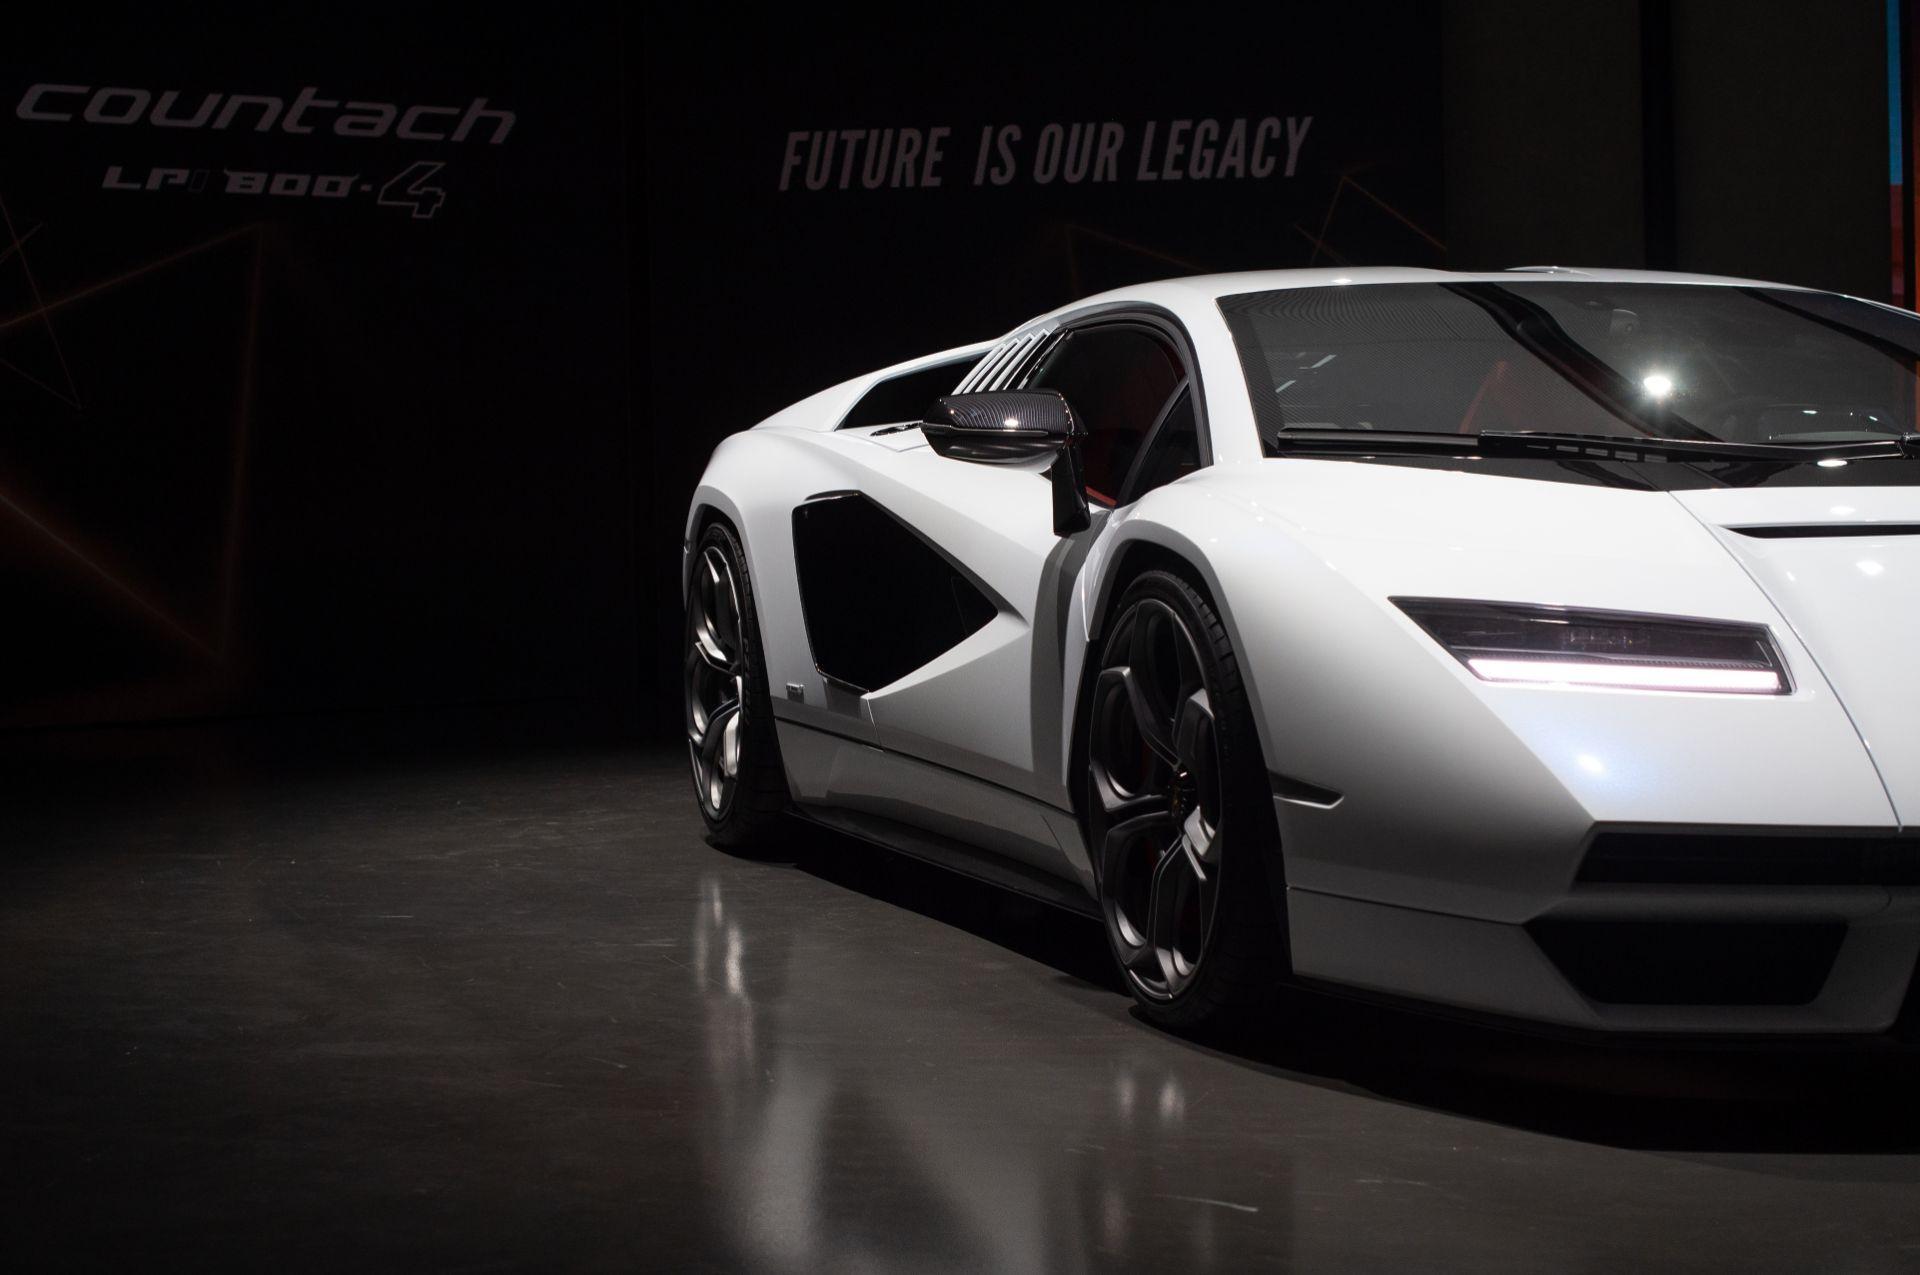 Lamborghini-Countach-LPI-800-4-7